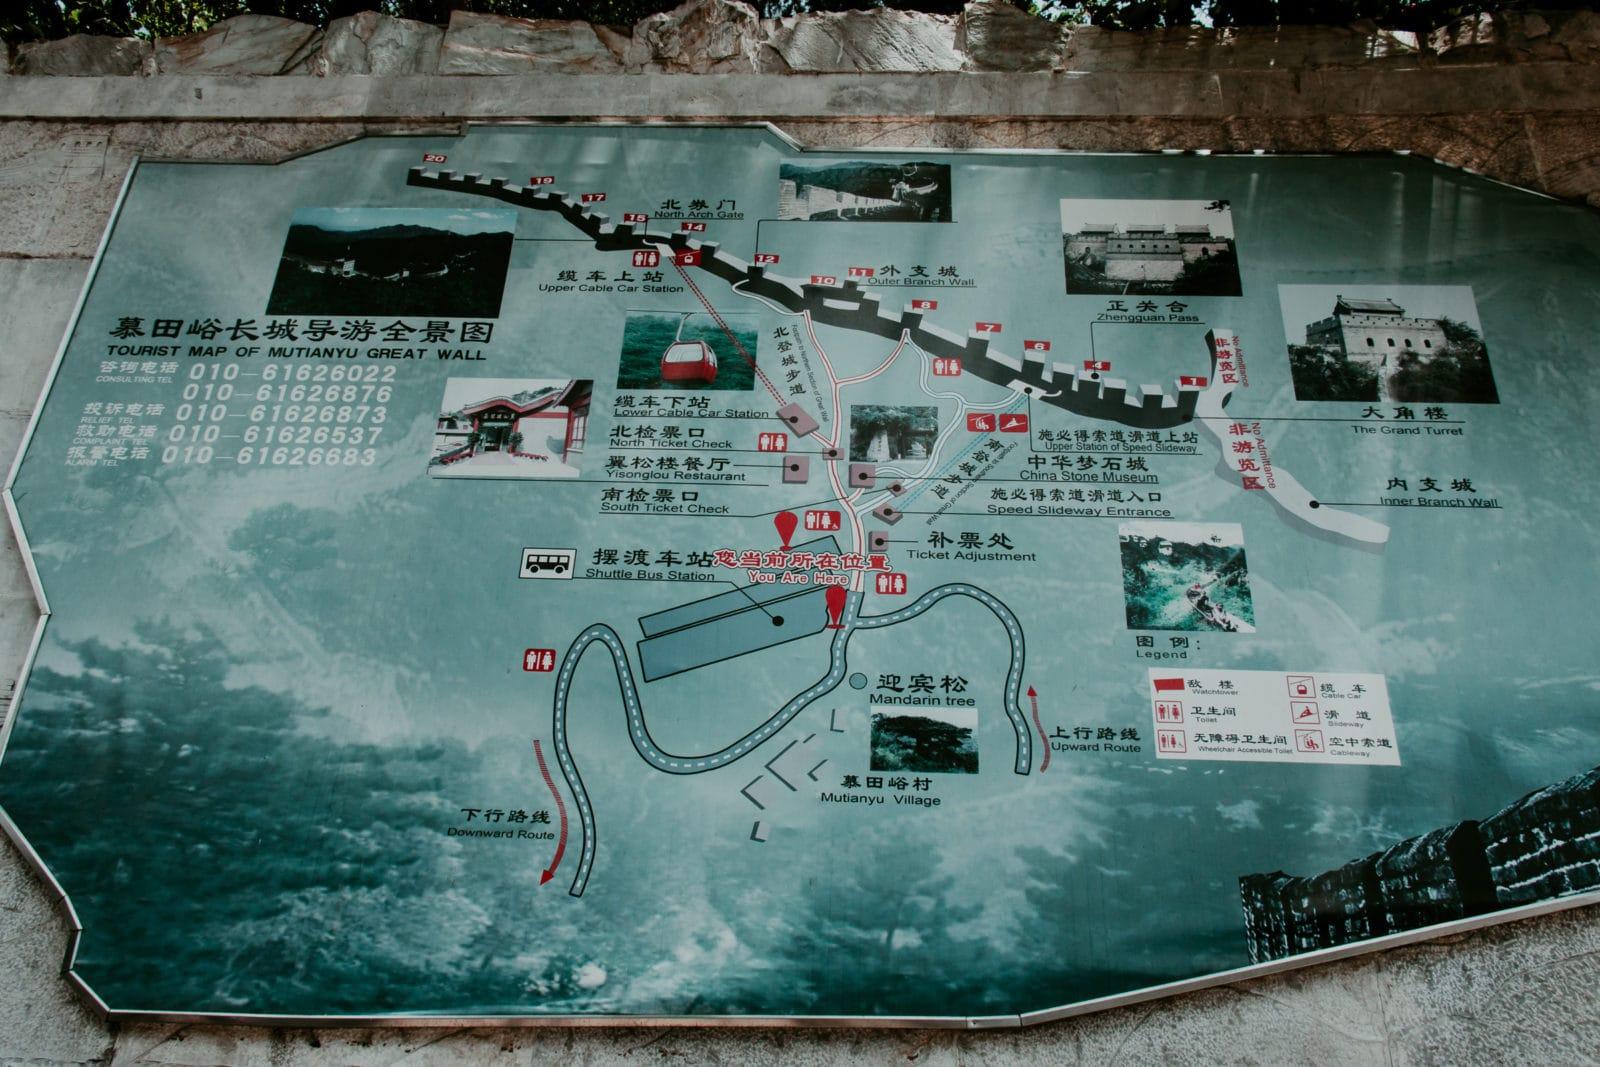 Chinesische Mauer Karte Mutianyu